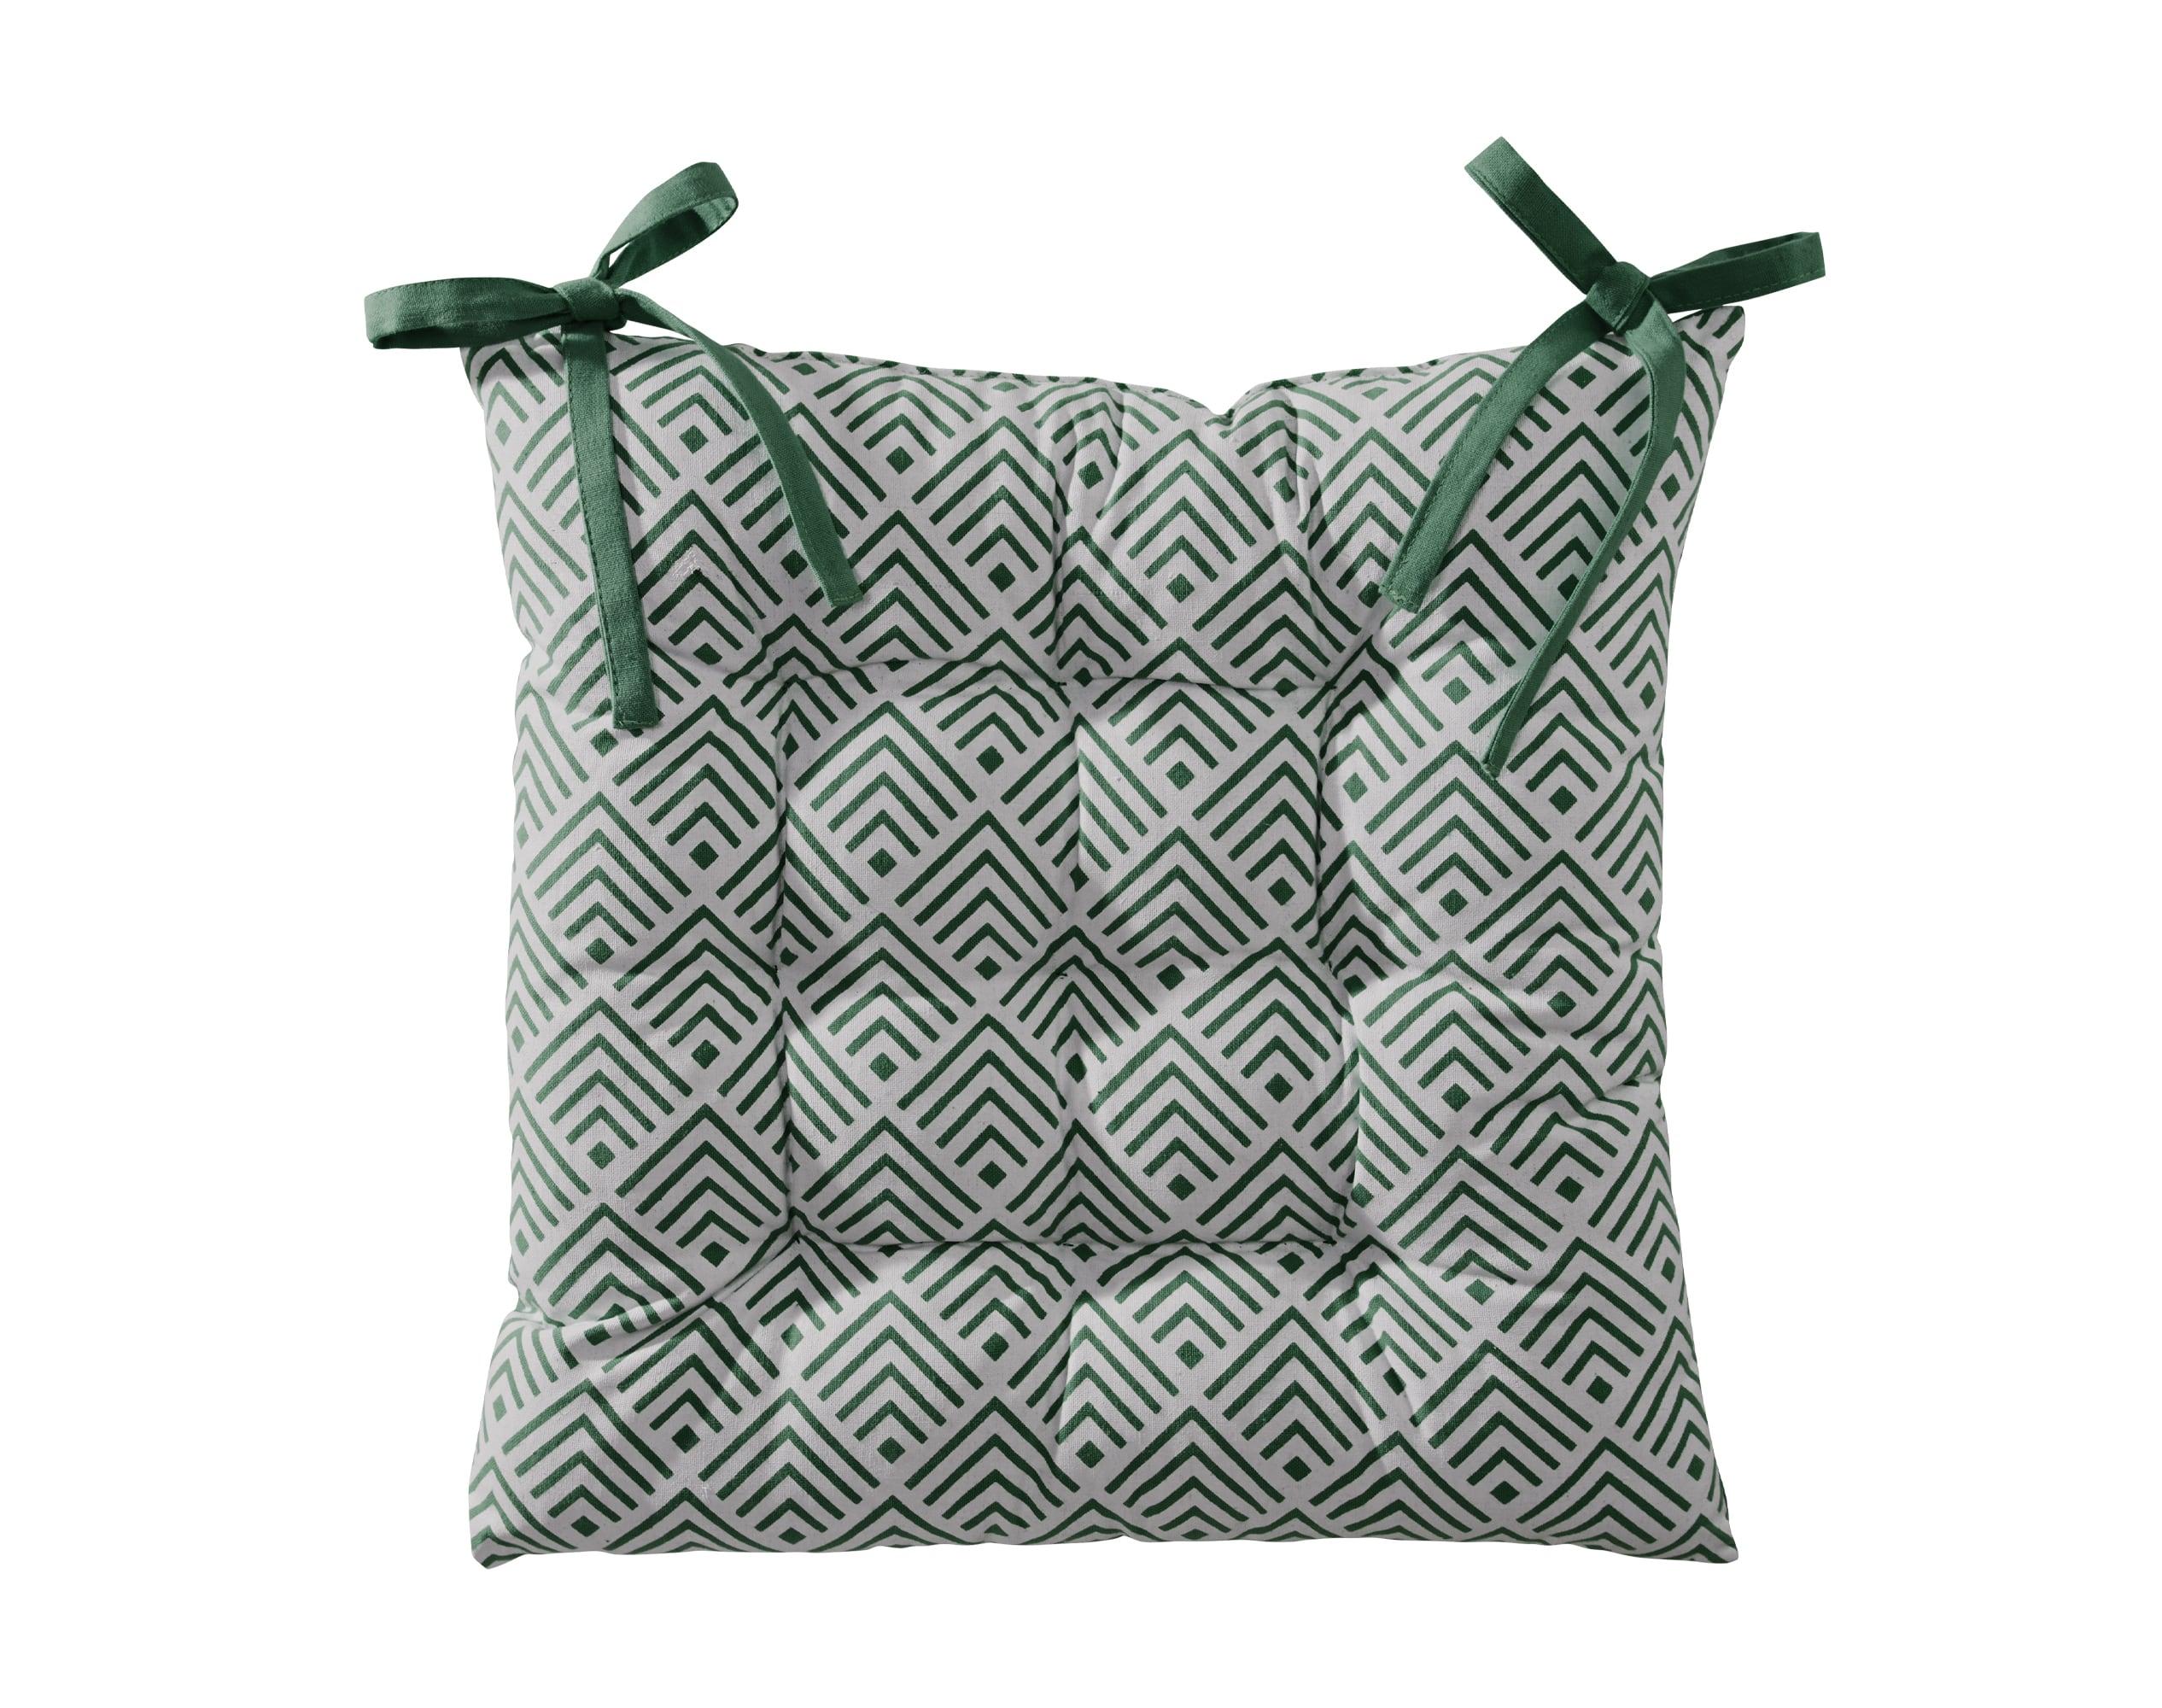 Galette de chaise réversible vert eucalyptus 40x40 en coton